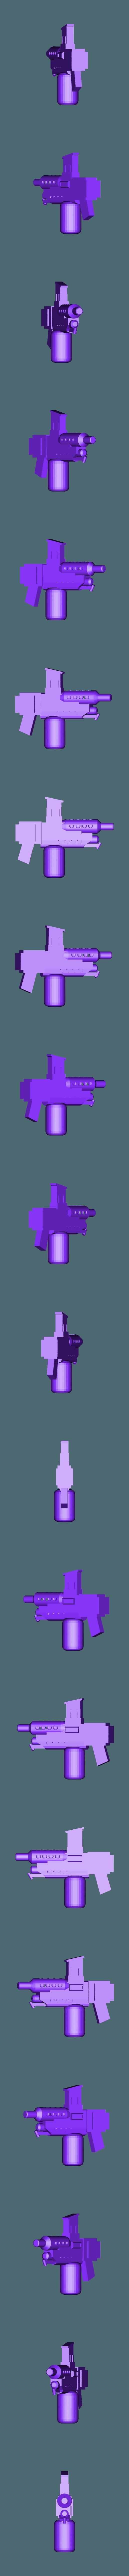 KombiSkorcha.obj Télécharger fichier OBJ gratuit KombiSkorcha • Objet pour imprimante 3D, Smight